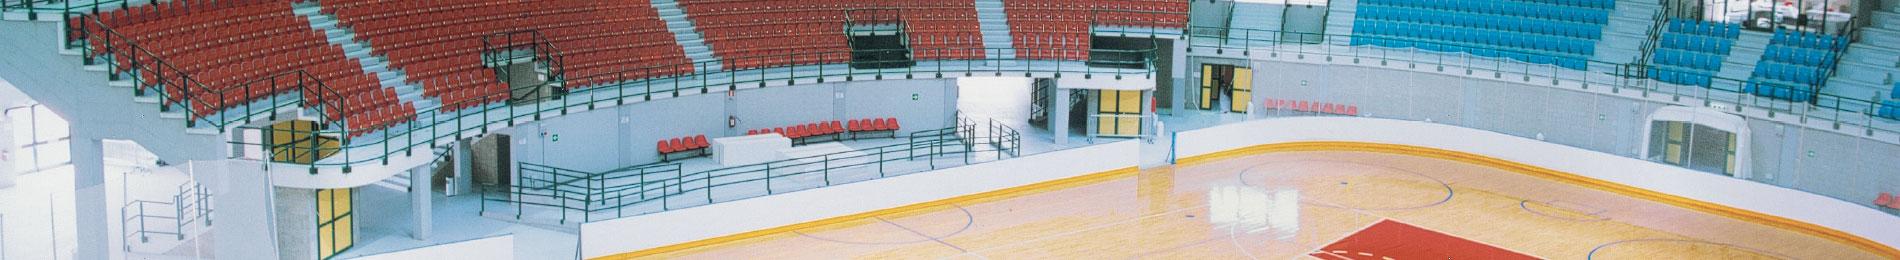 tipiesse-progettazione-e-realizzazione-impianti-sportivi-per-lo-sport